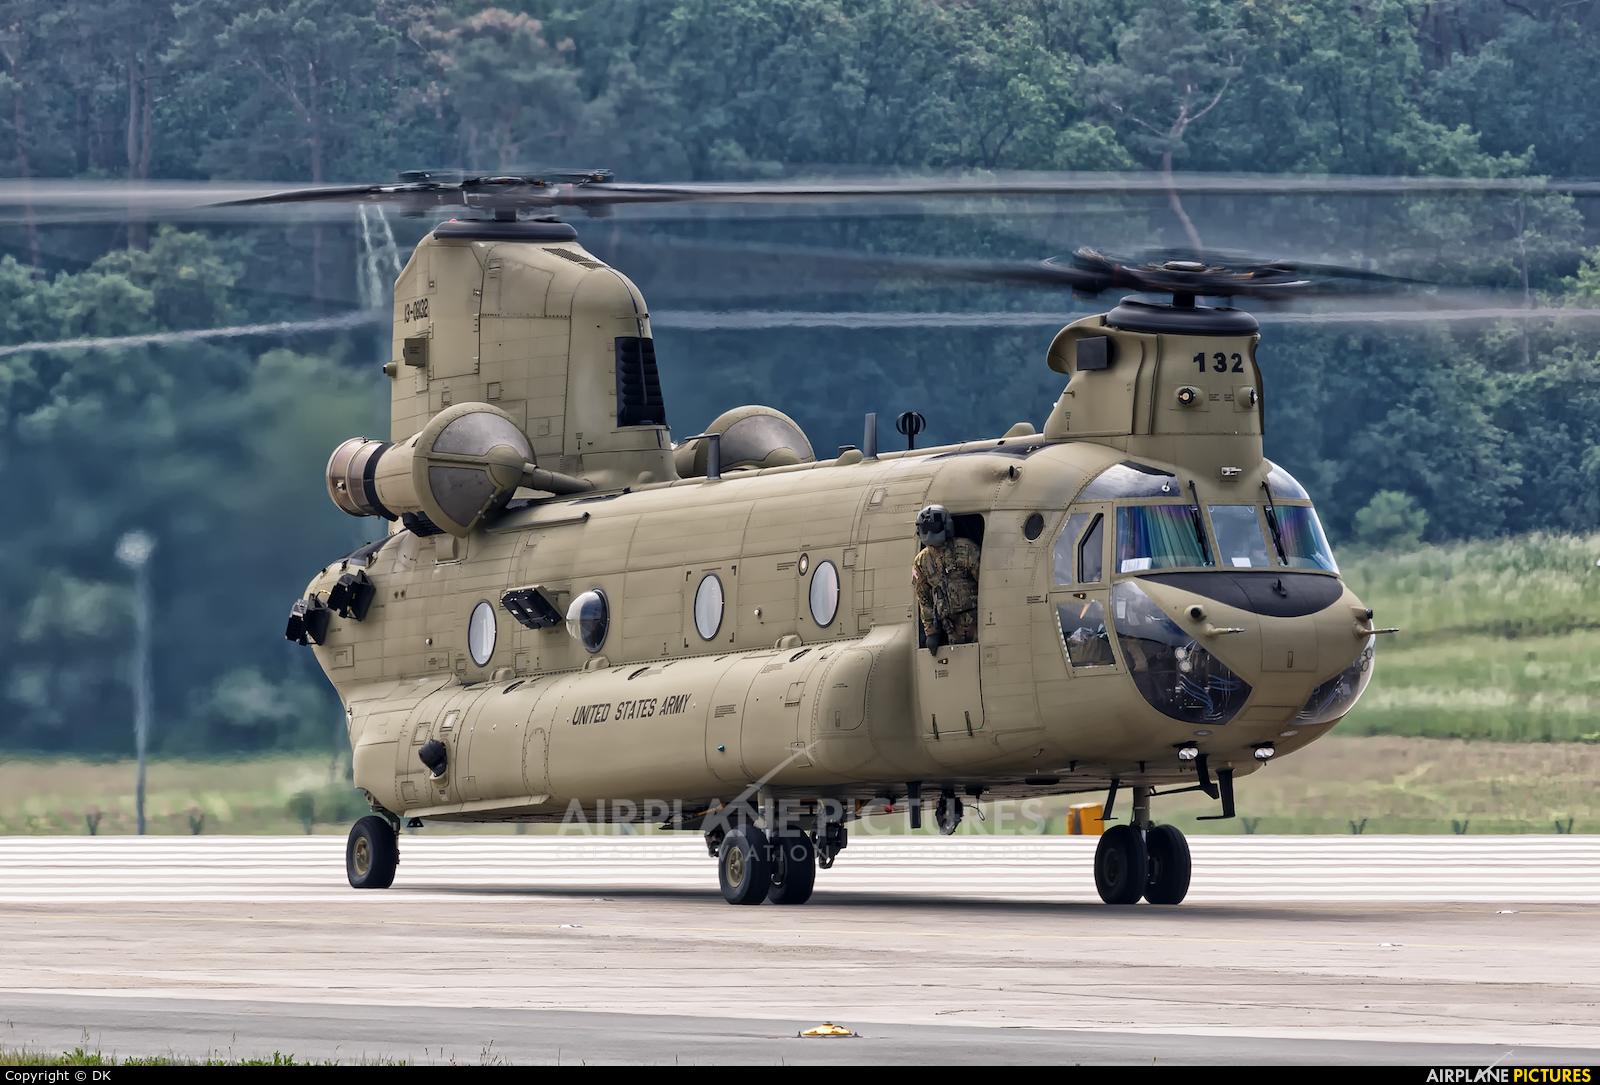 CH-47F ile ilgili görsel sonucu